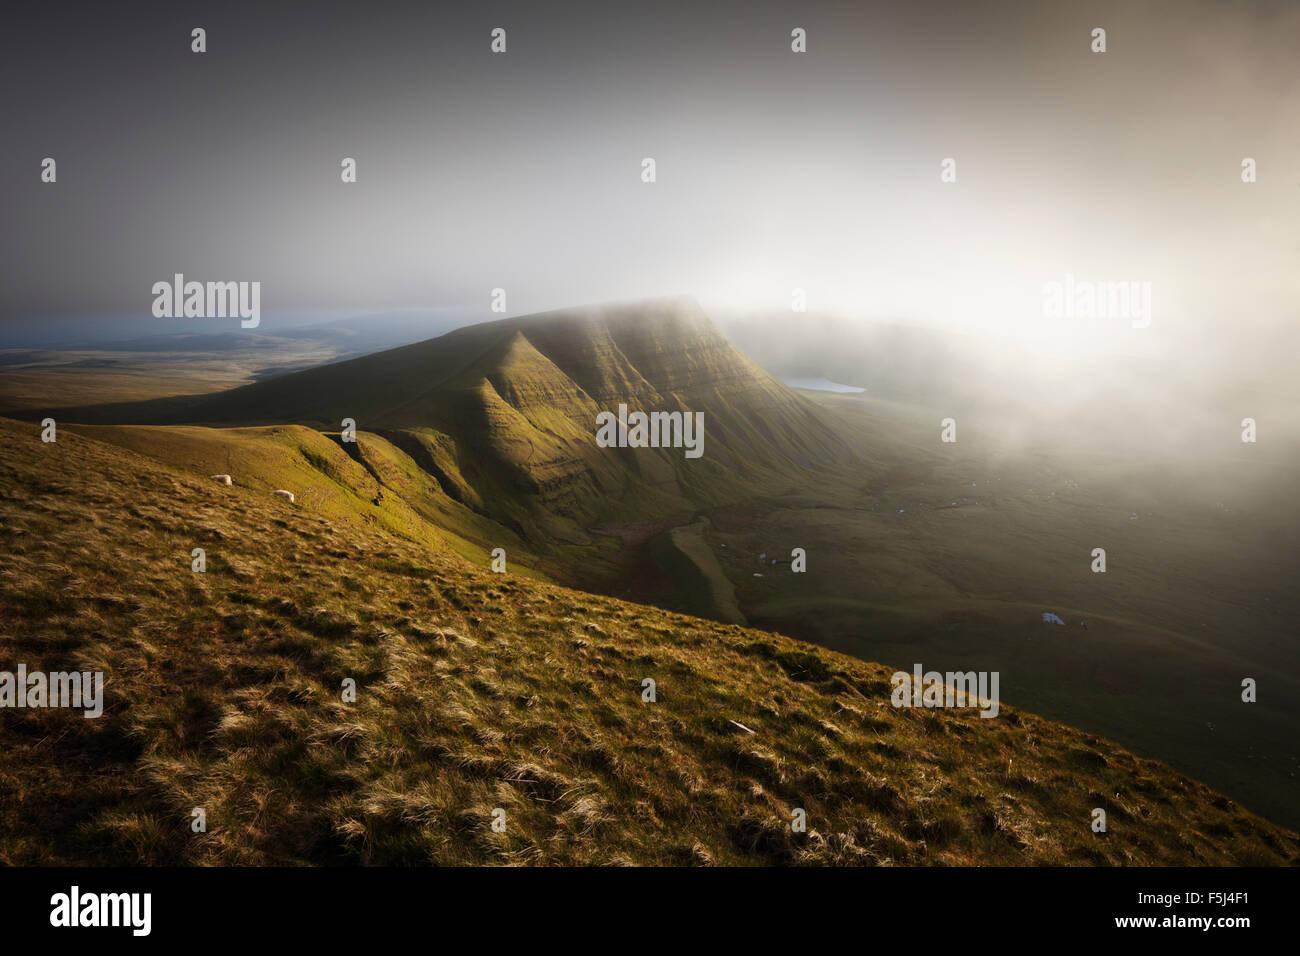 La brume s'abattant sur Picws Du. La Montagne Noire. Le Parc National des Brecon Beacons. Carmarthenshire. Le Photo Stock